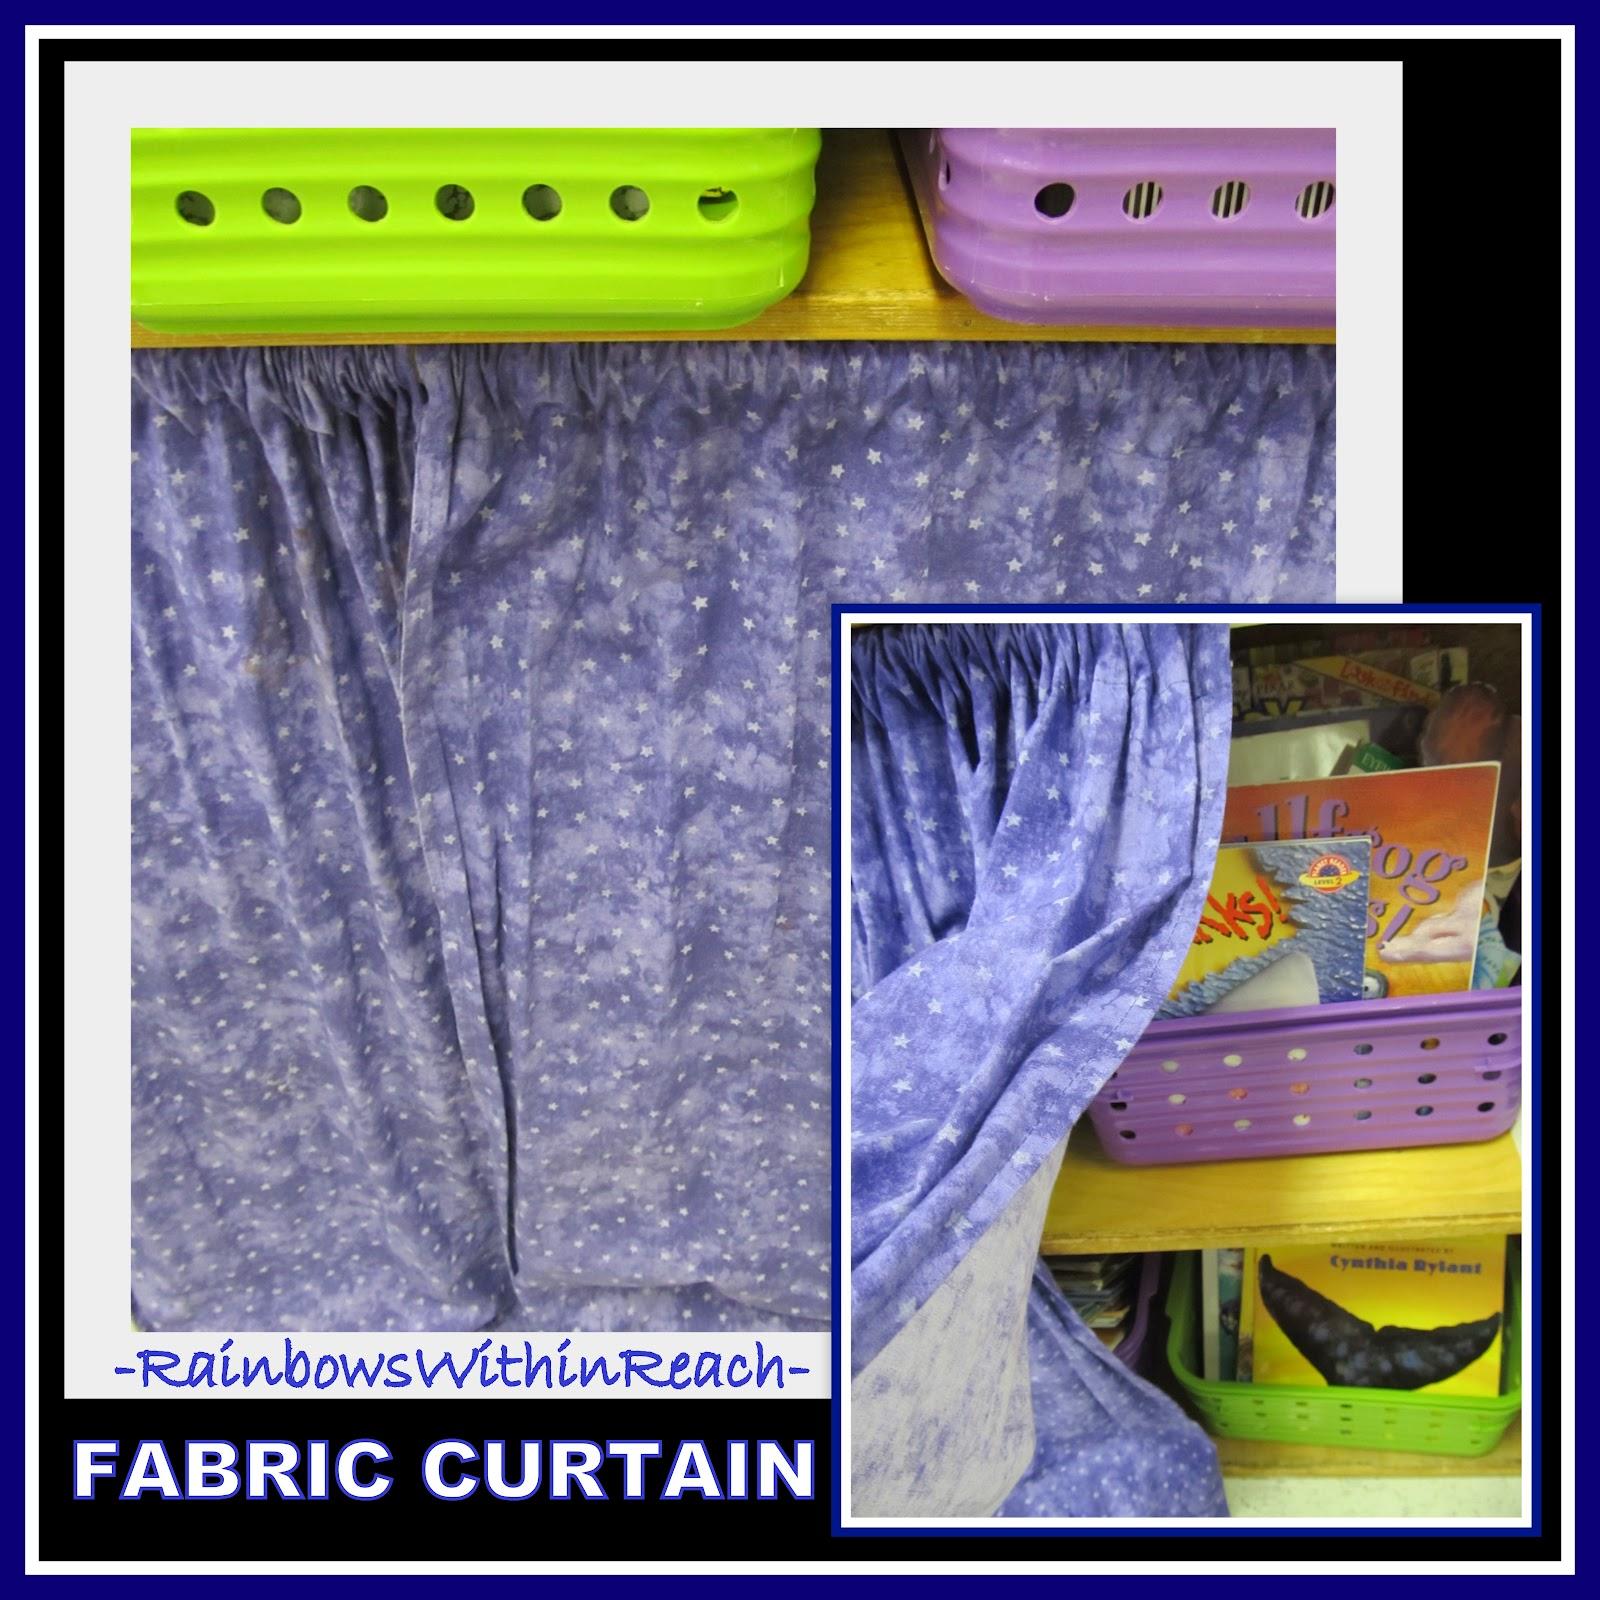 Classroom Curtain Ideas : Rainbowswithinreach spot